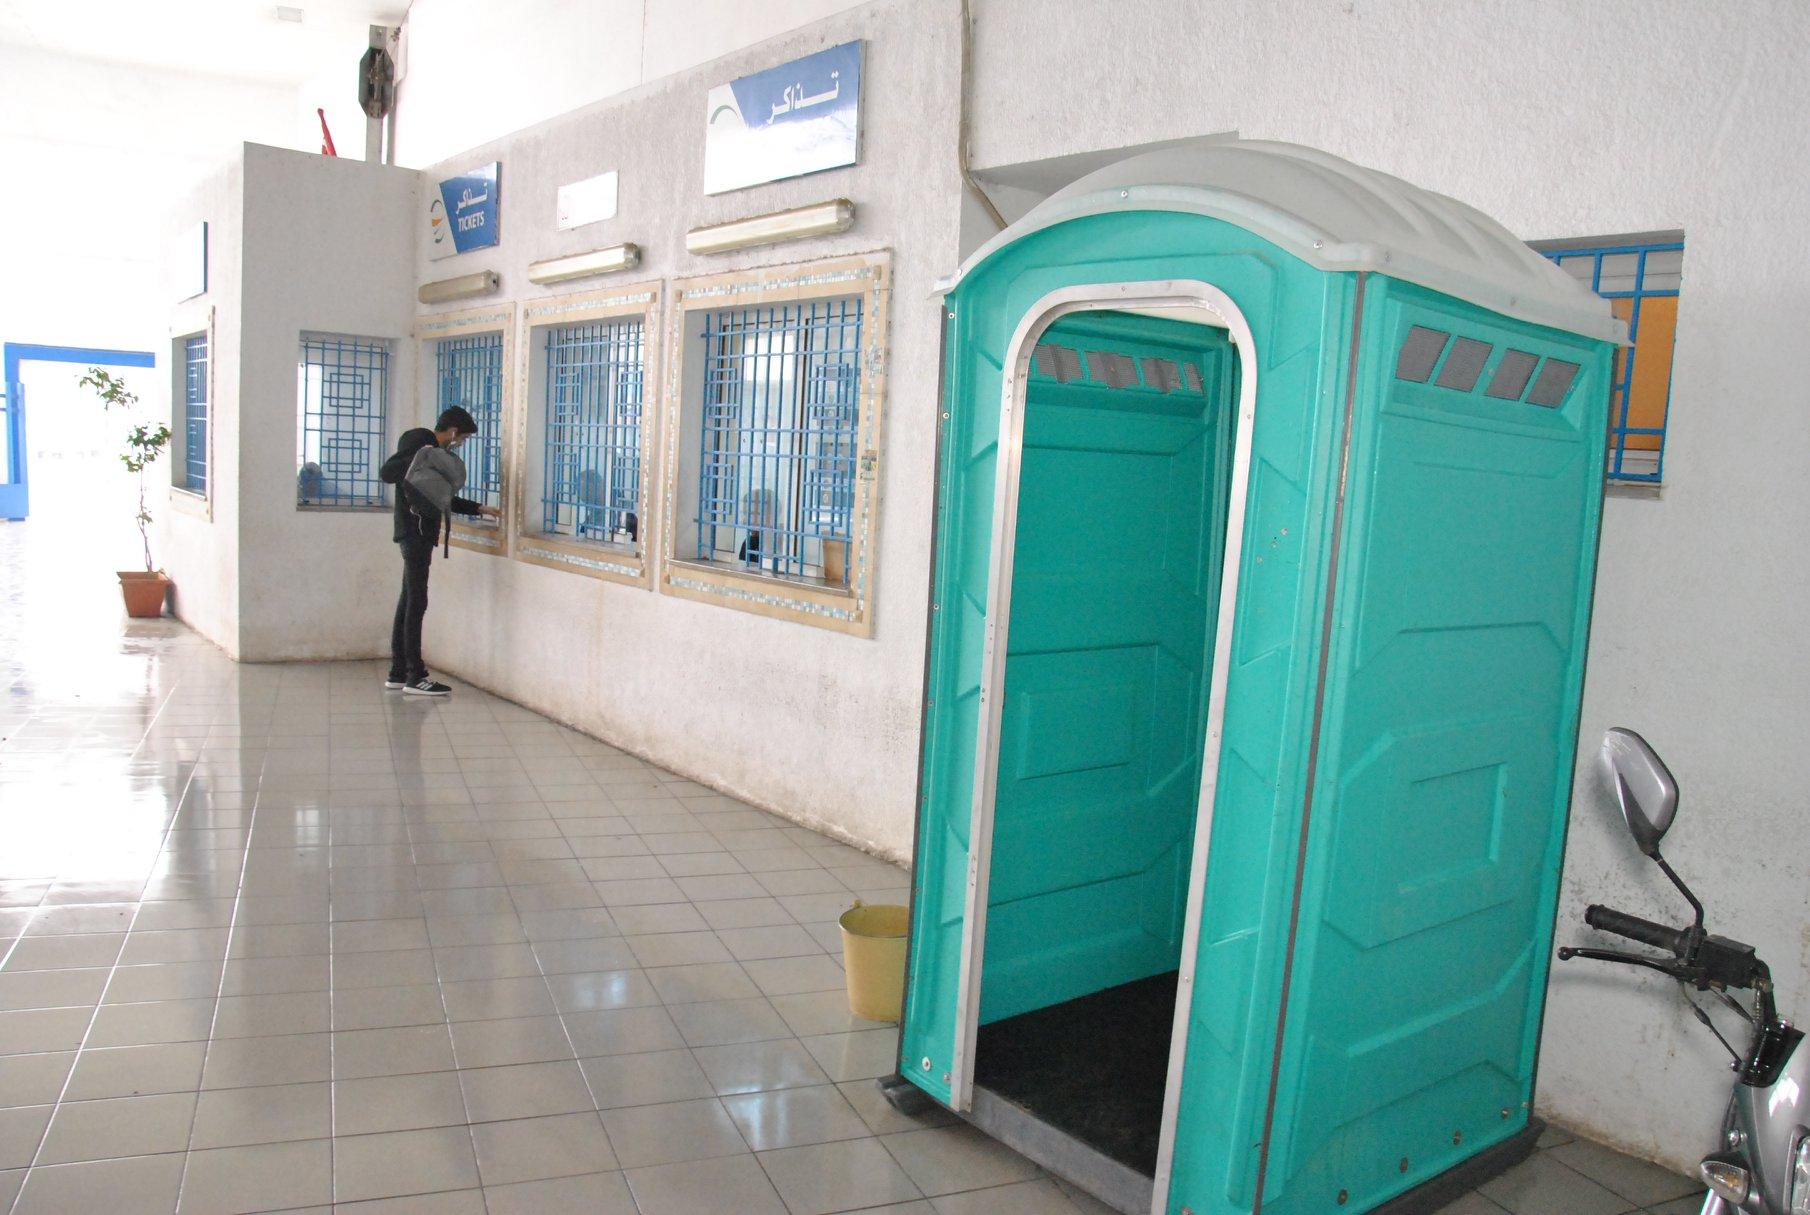 Les unités sanitaires installées dans les rues de la capitale par la municipalité de Tunis